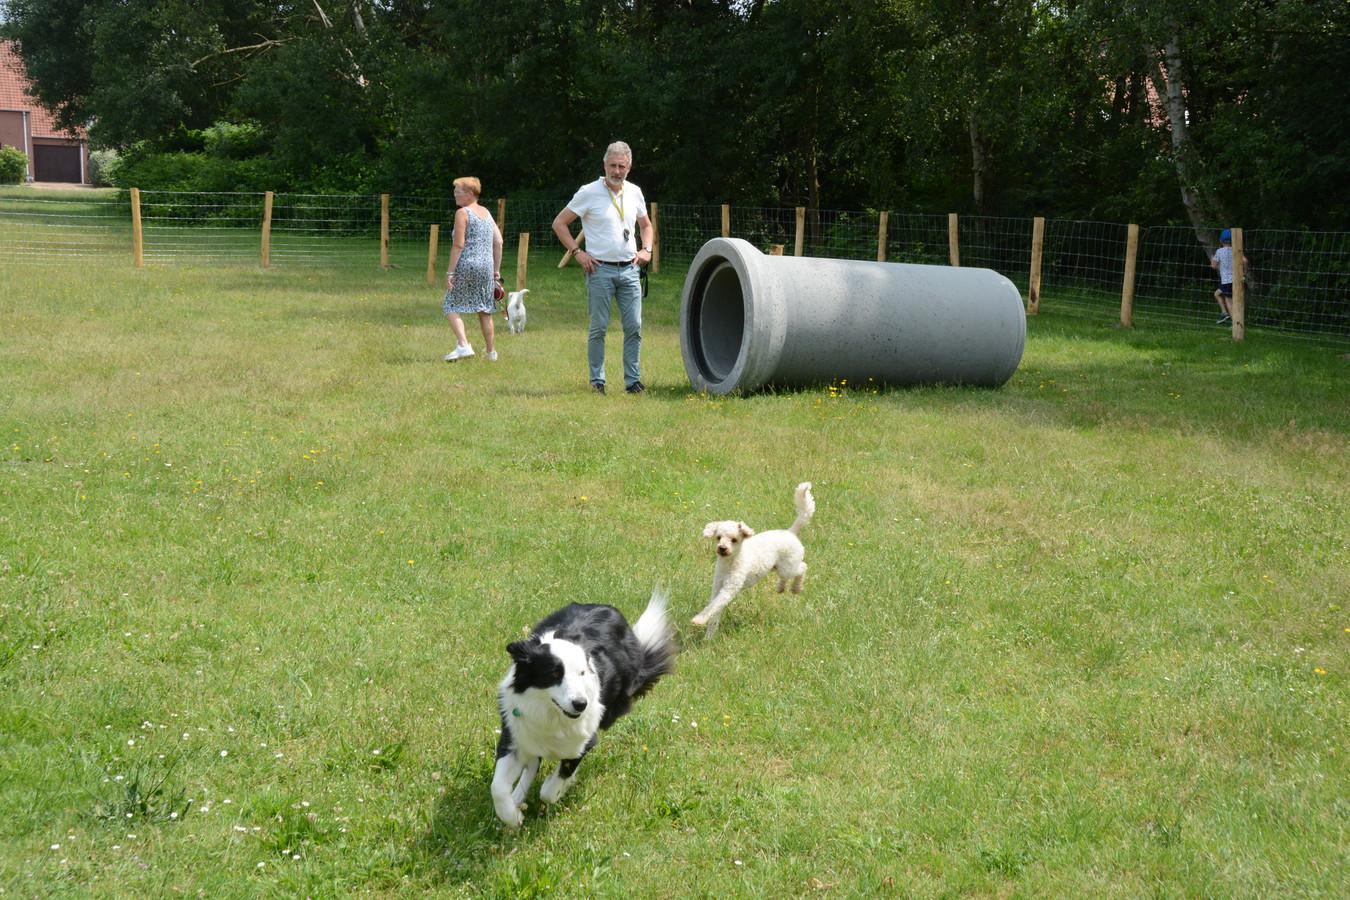 Voorbeeld van een hondenloopzone met speeltoestellen (illustratiebeeld).